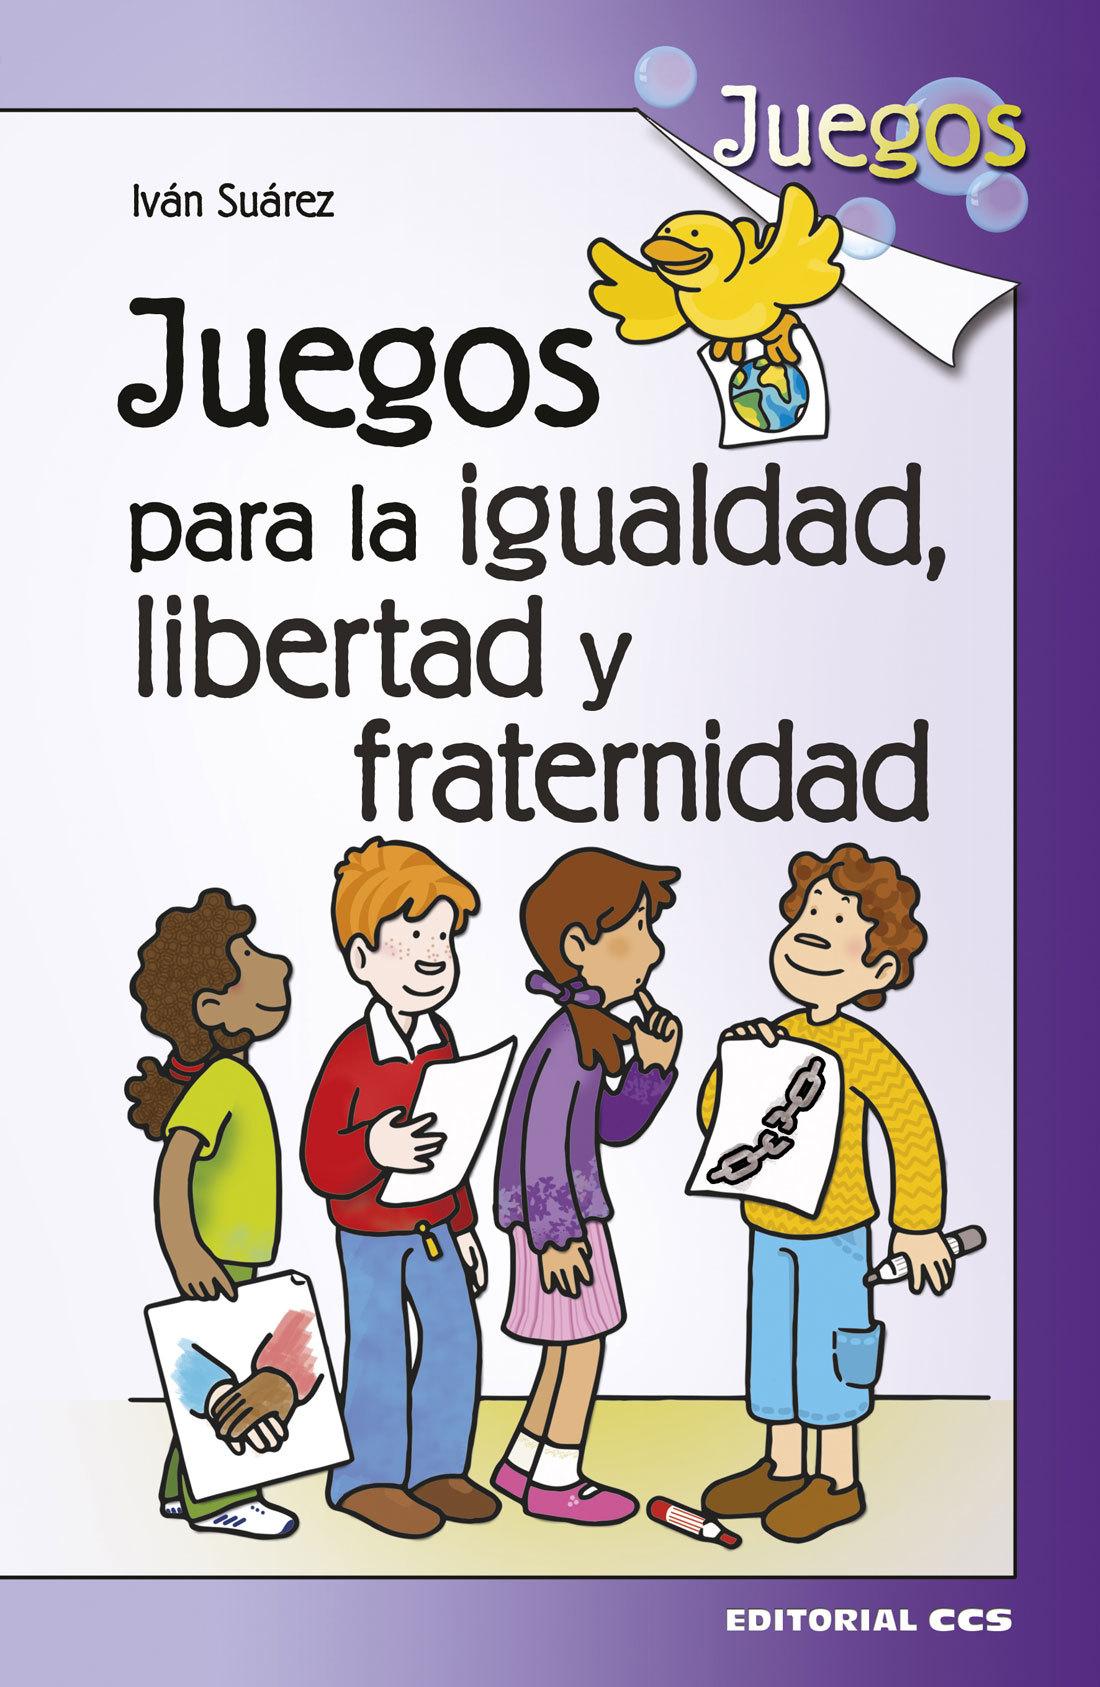 JUEGOS PARA LA IGUALDAD, FRATERNIDAD Y LIBERTAD